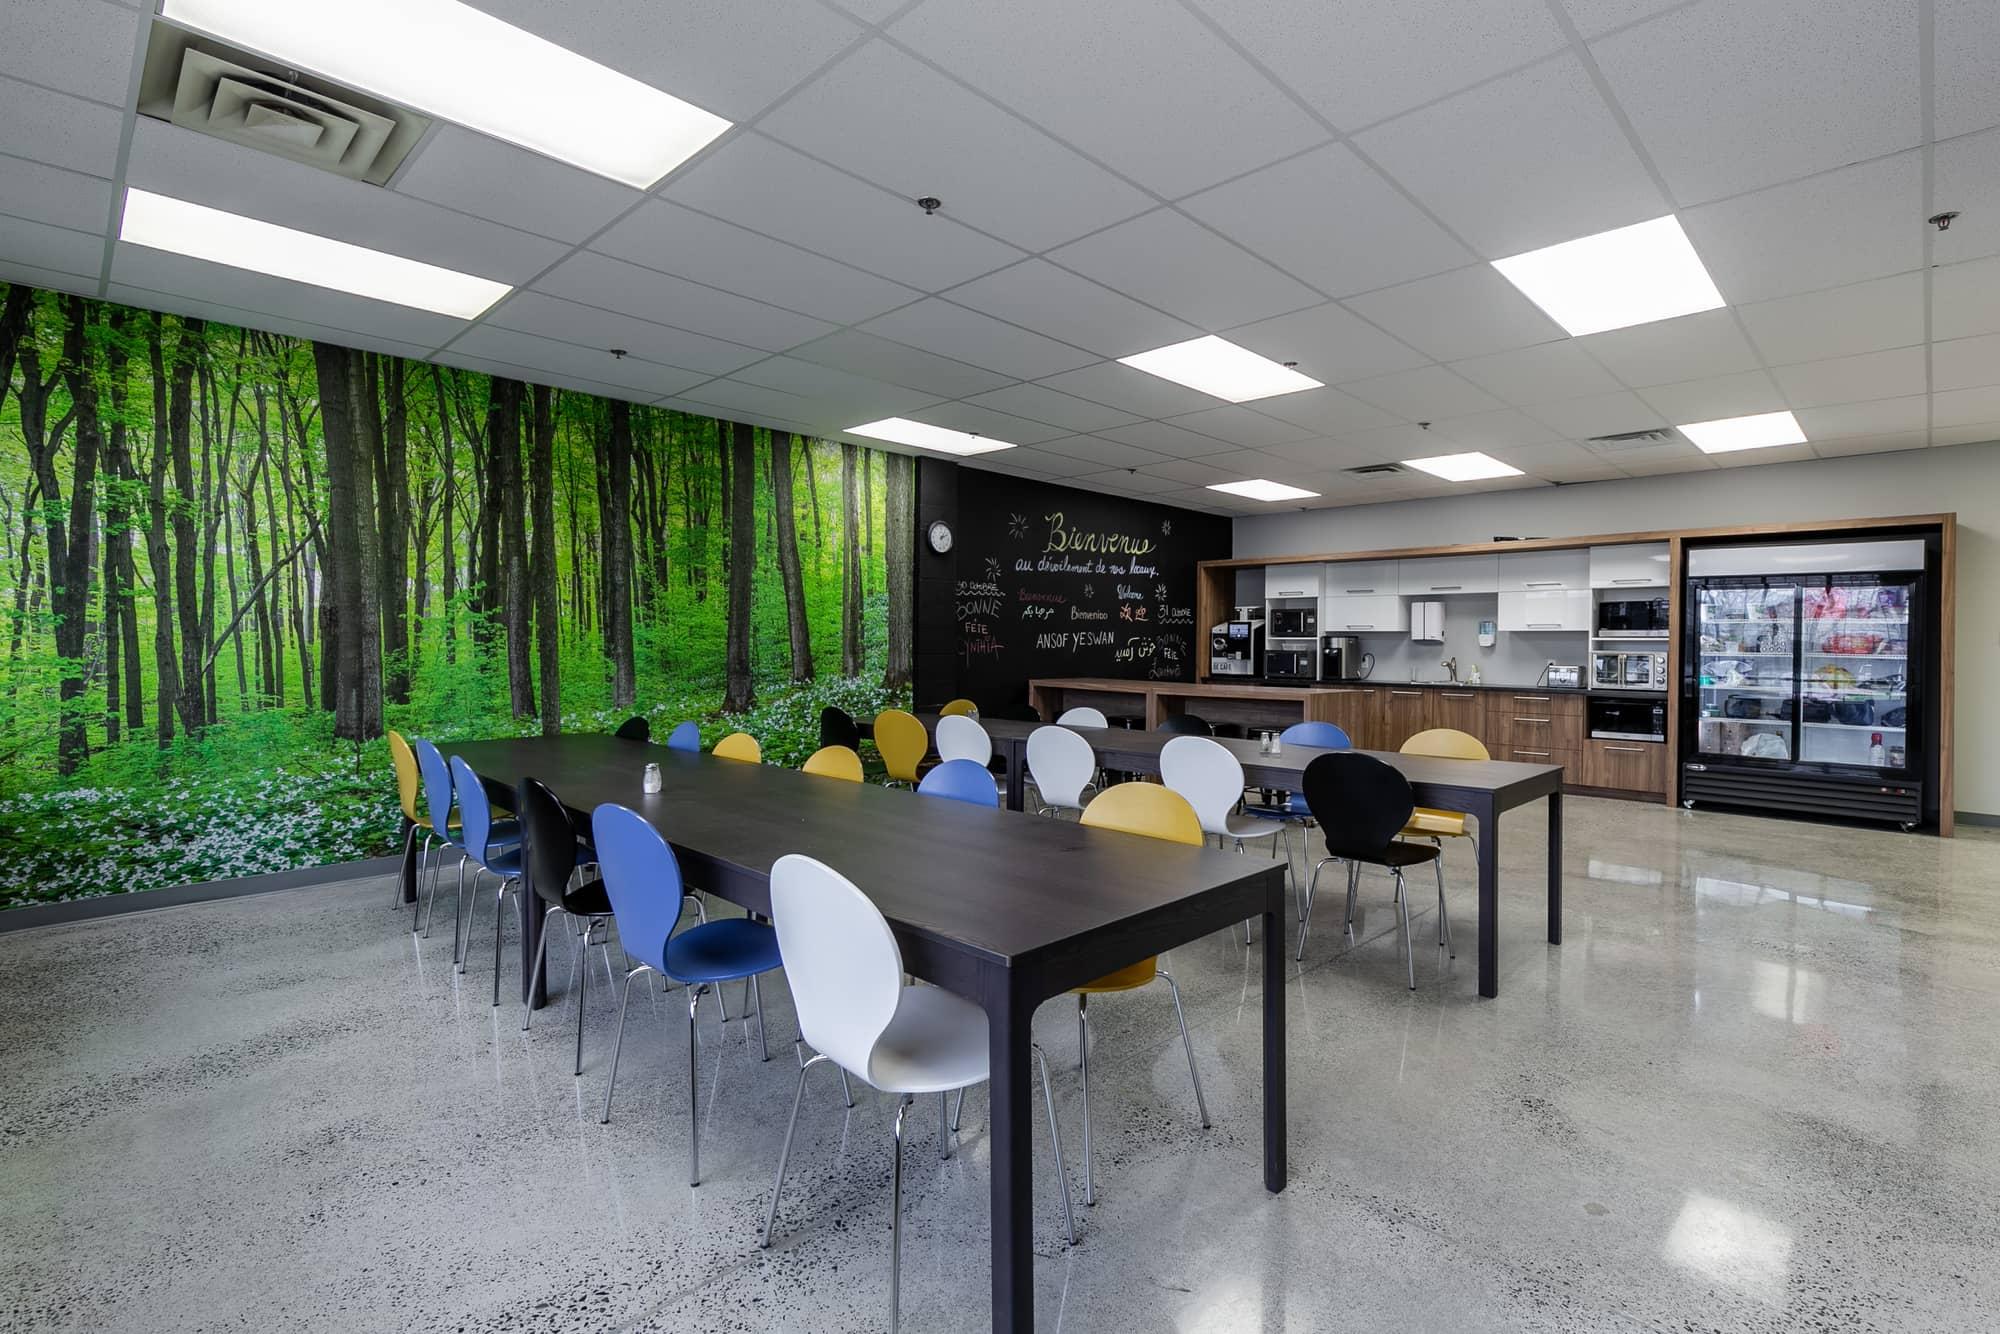 cafétéria d'entreprise avec murale colorée et différentes tables et chaises